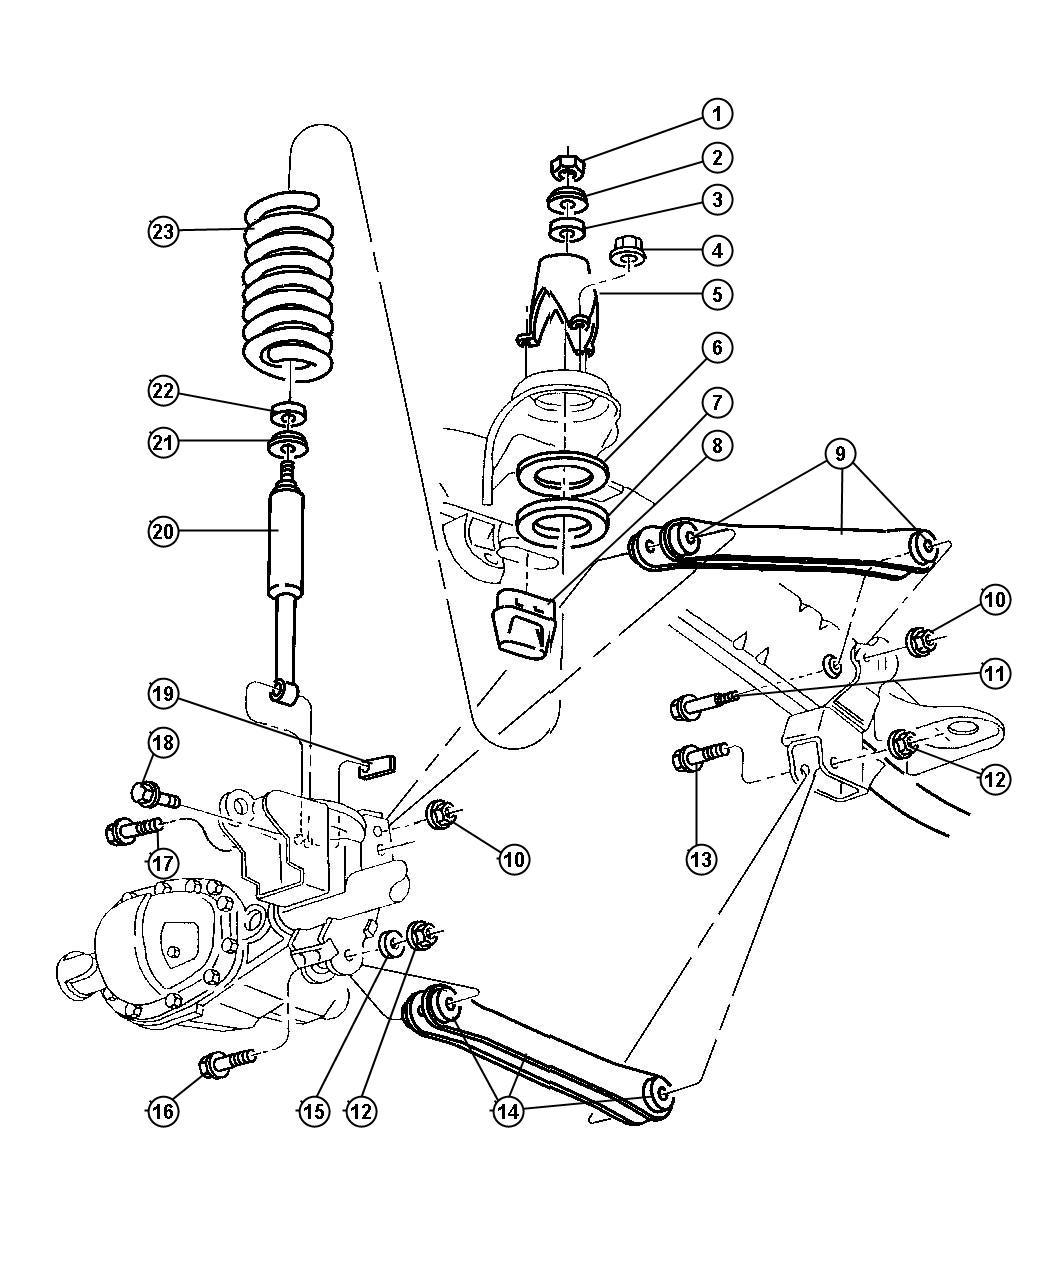 2000 durango parts diagram wwwdakotadurangocom forum